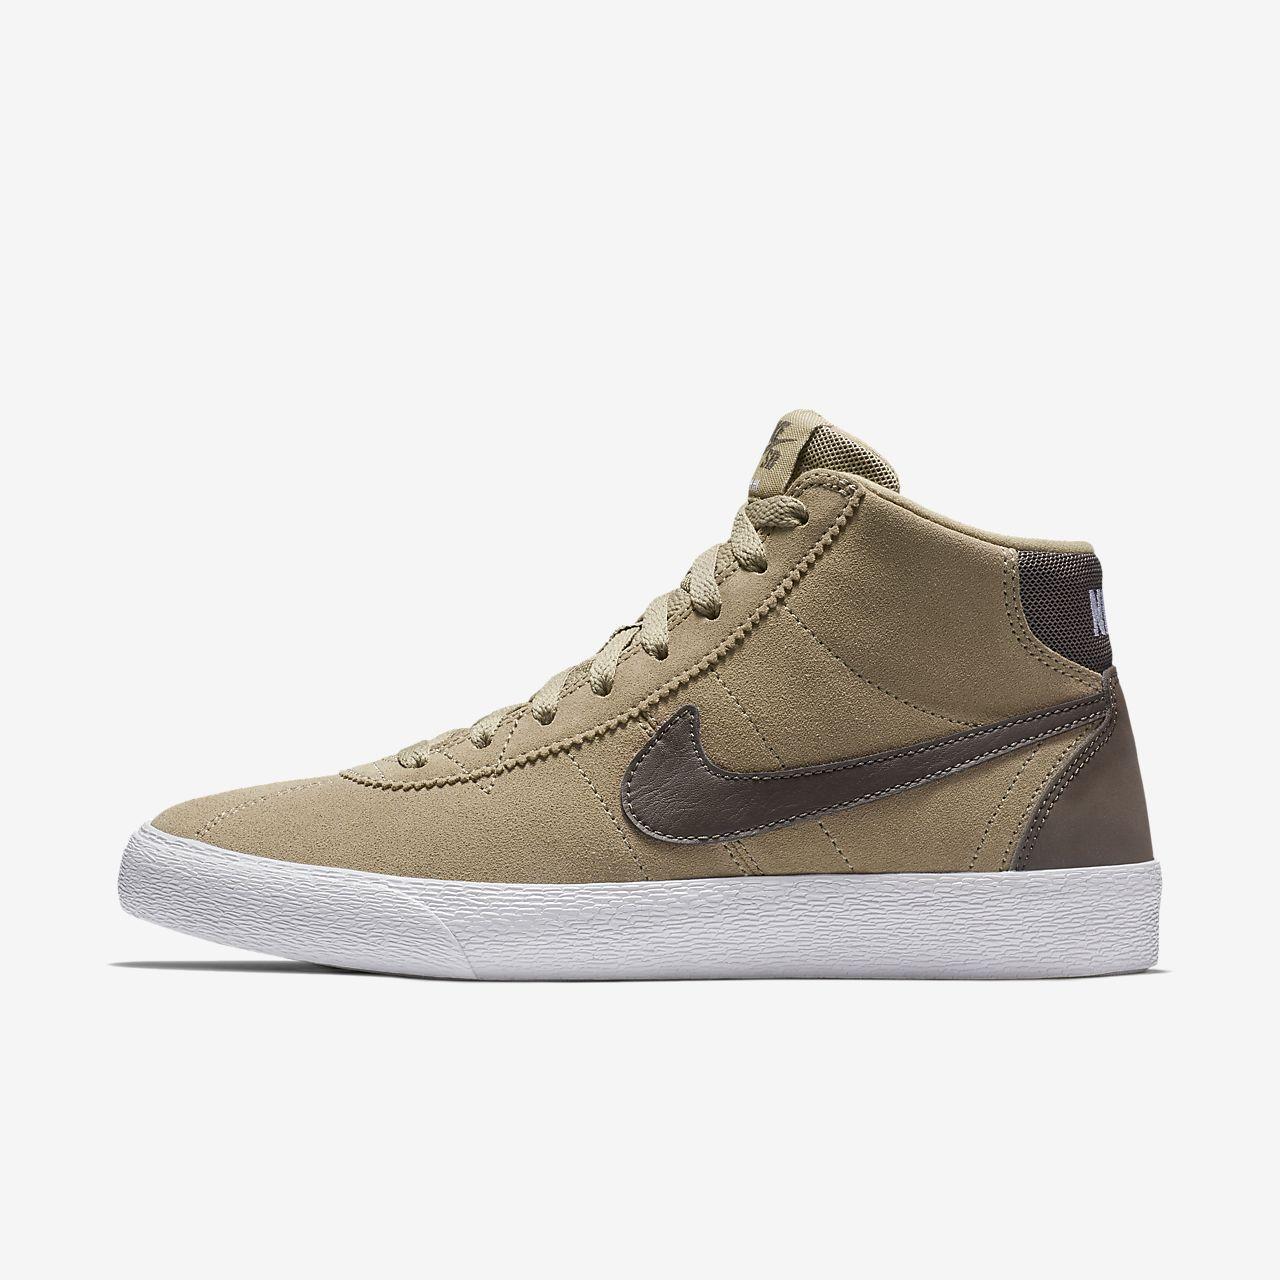 ... Женская обувь для скейтбординга Nike SB Bruin High all color cc0f8  f3fcc ... a373de736cc